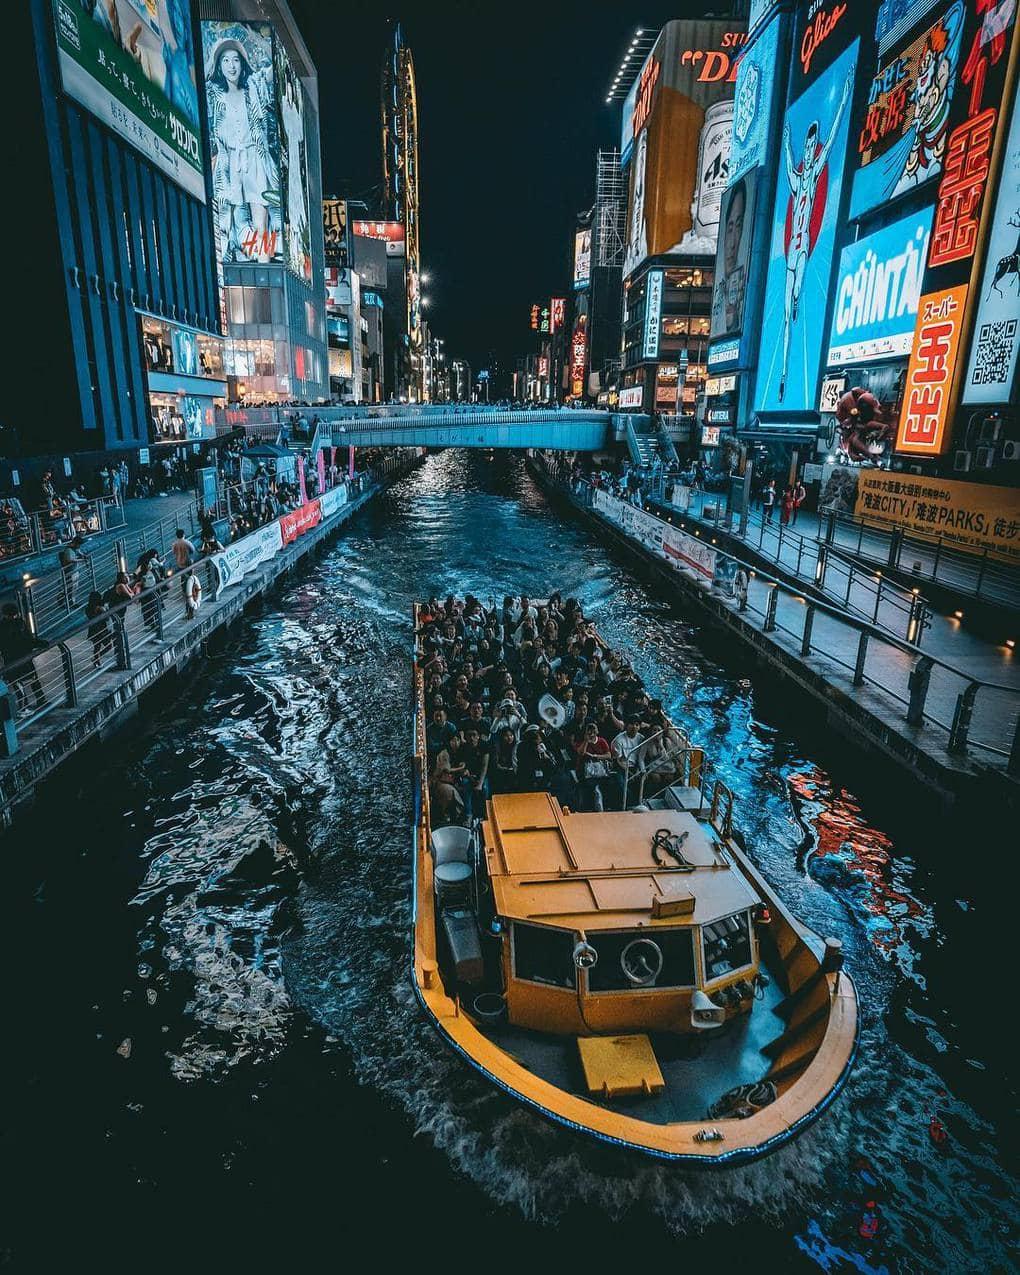 jungraphy 58887053 2238684526185268 1011098225276811404 n - 25 работ фотографа из Токио, которые погрузят вас в магическую атмосферу ночных японских улиц